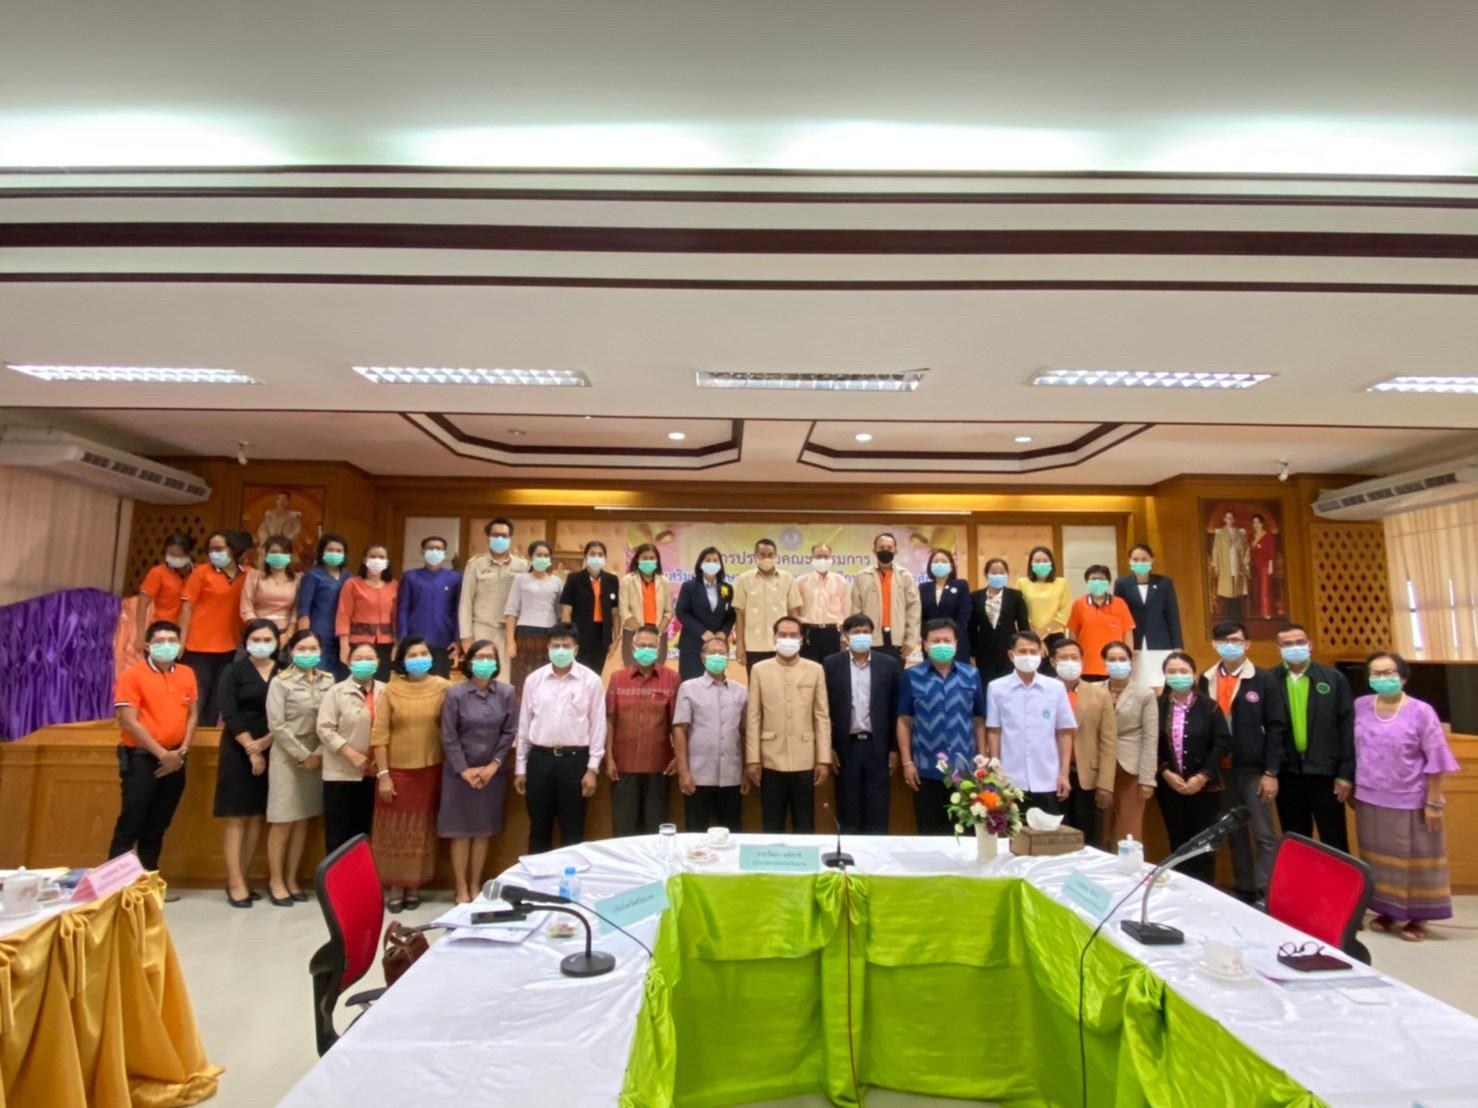 การประชุมคณะกรรมการส่งเสริมการศึกษานอกระบบและการศึกษาตามอัธยาศัยจังหวัดศรีสะเกษ ครั้งที่ 1 ประจำปีงบประมาณ พ.ศ.2564